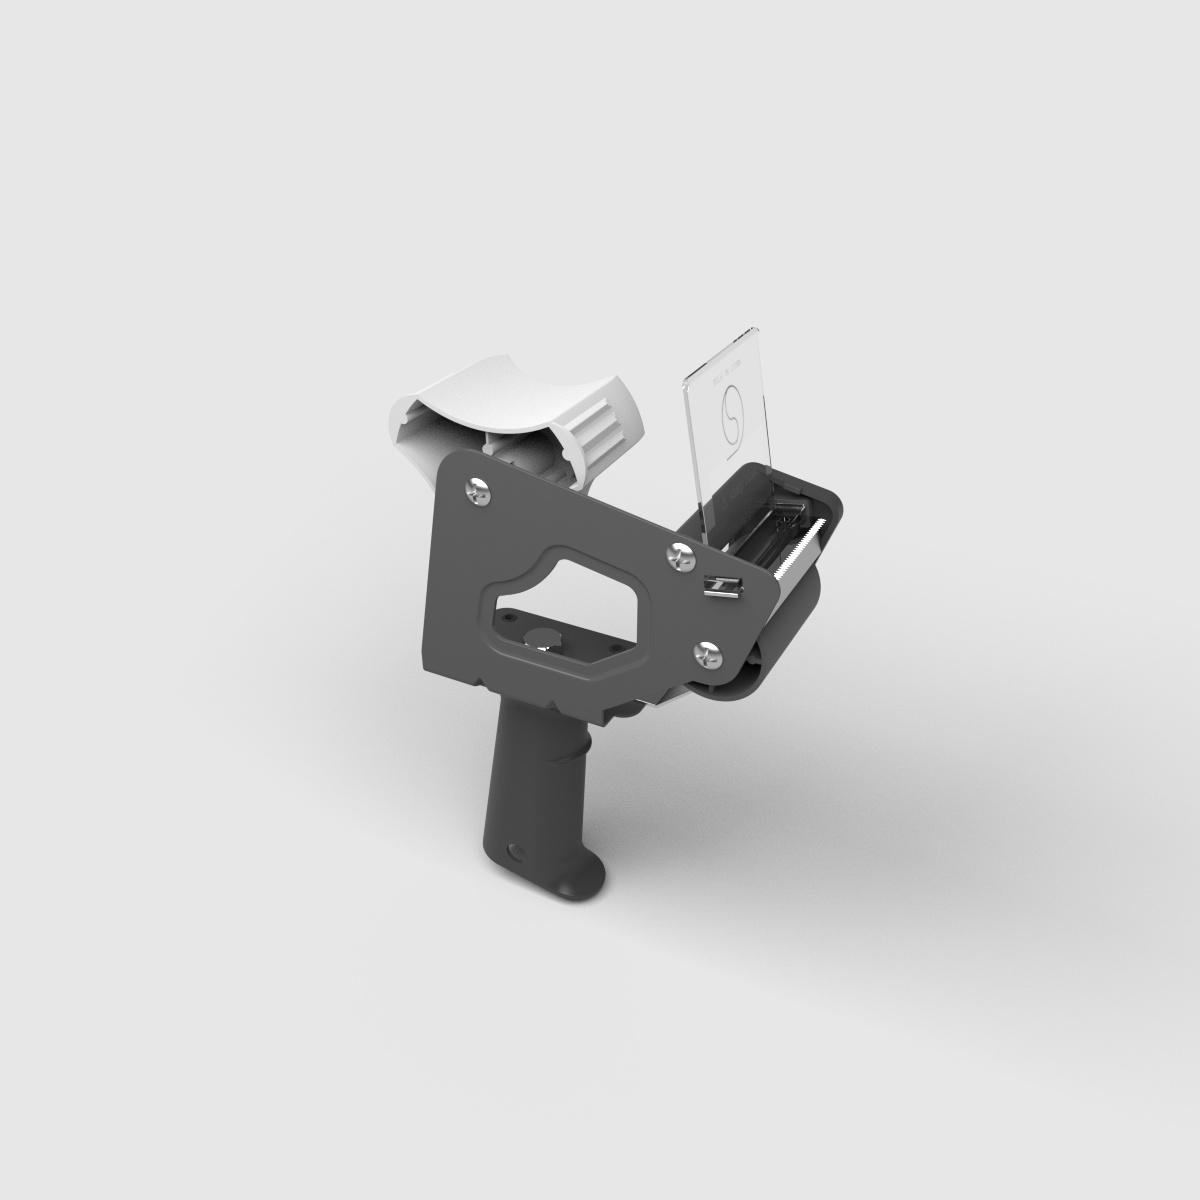 48/50mm/2inch/2